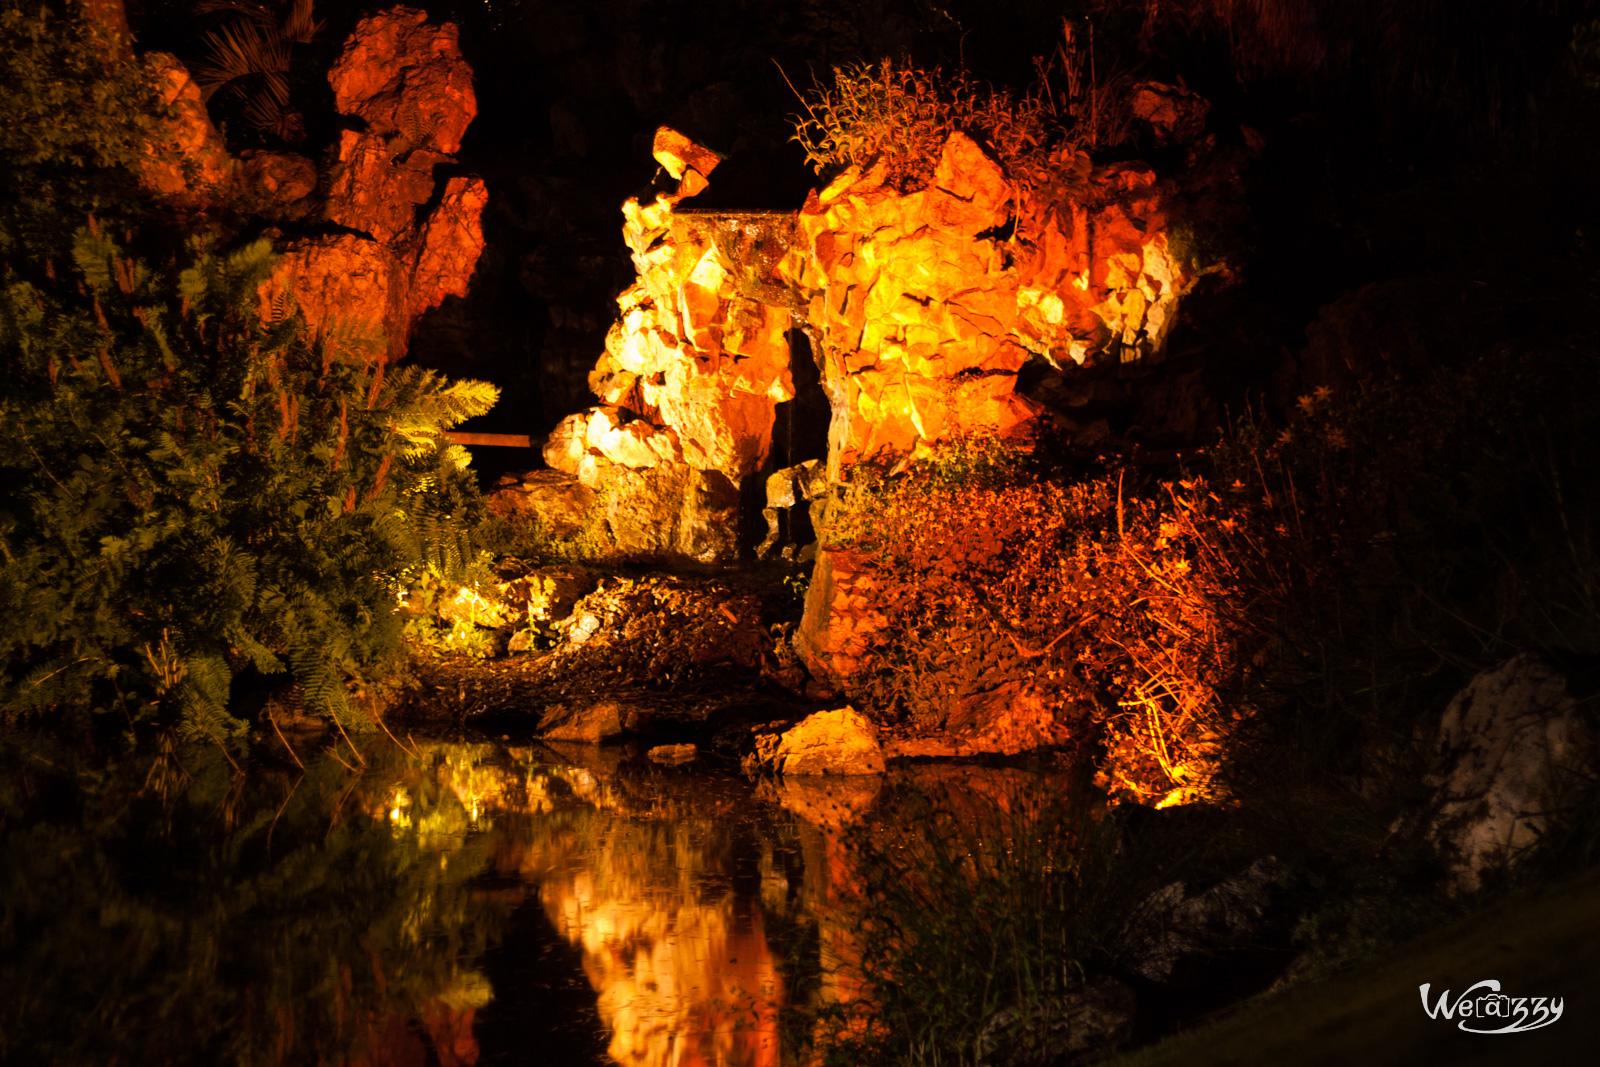 La nocturne du jardin des plantes de nantes weazzy for Jardin des plantes nantes de nuit